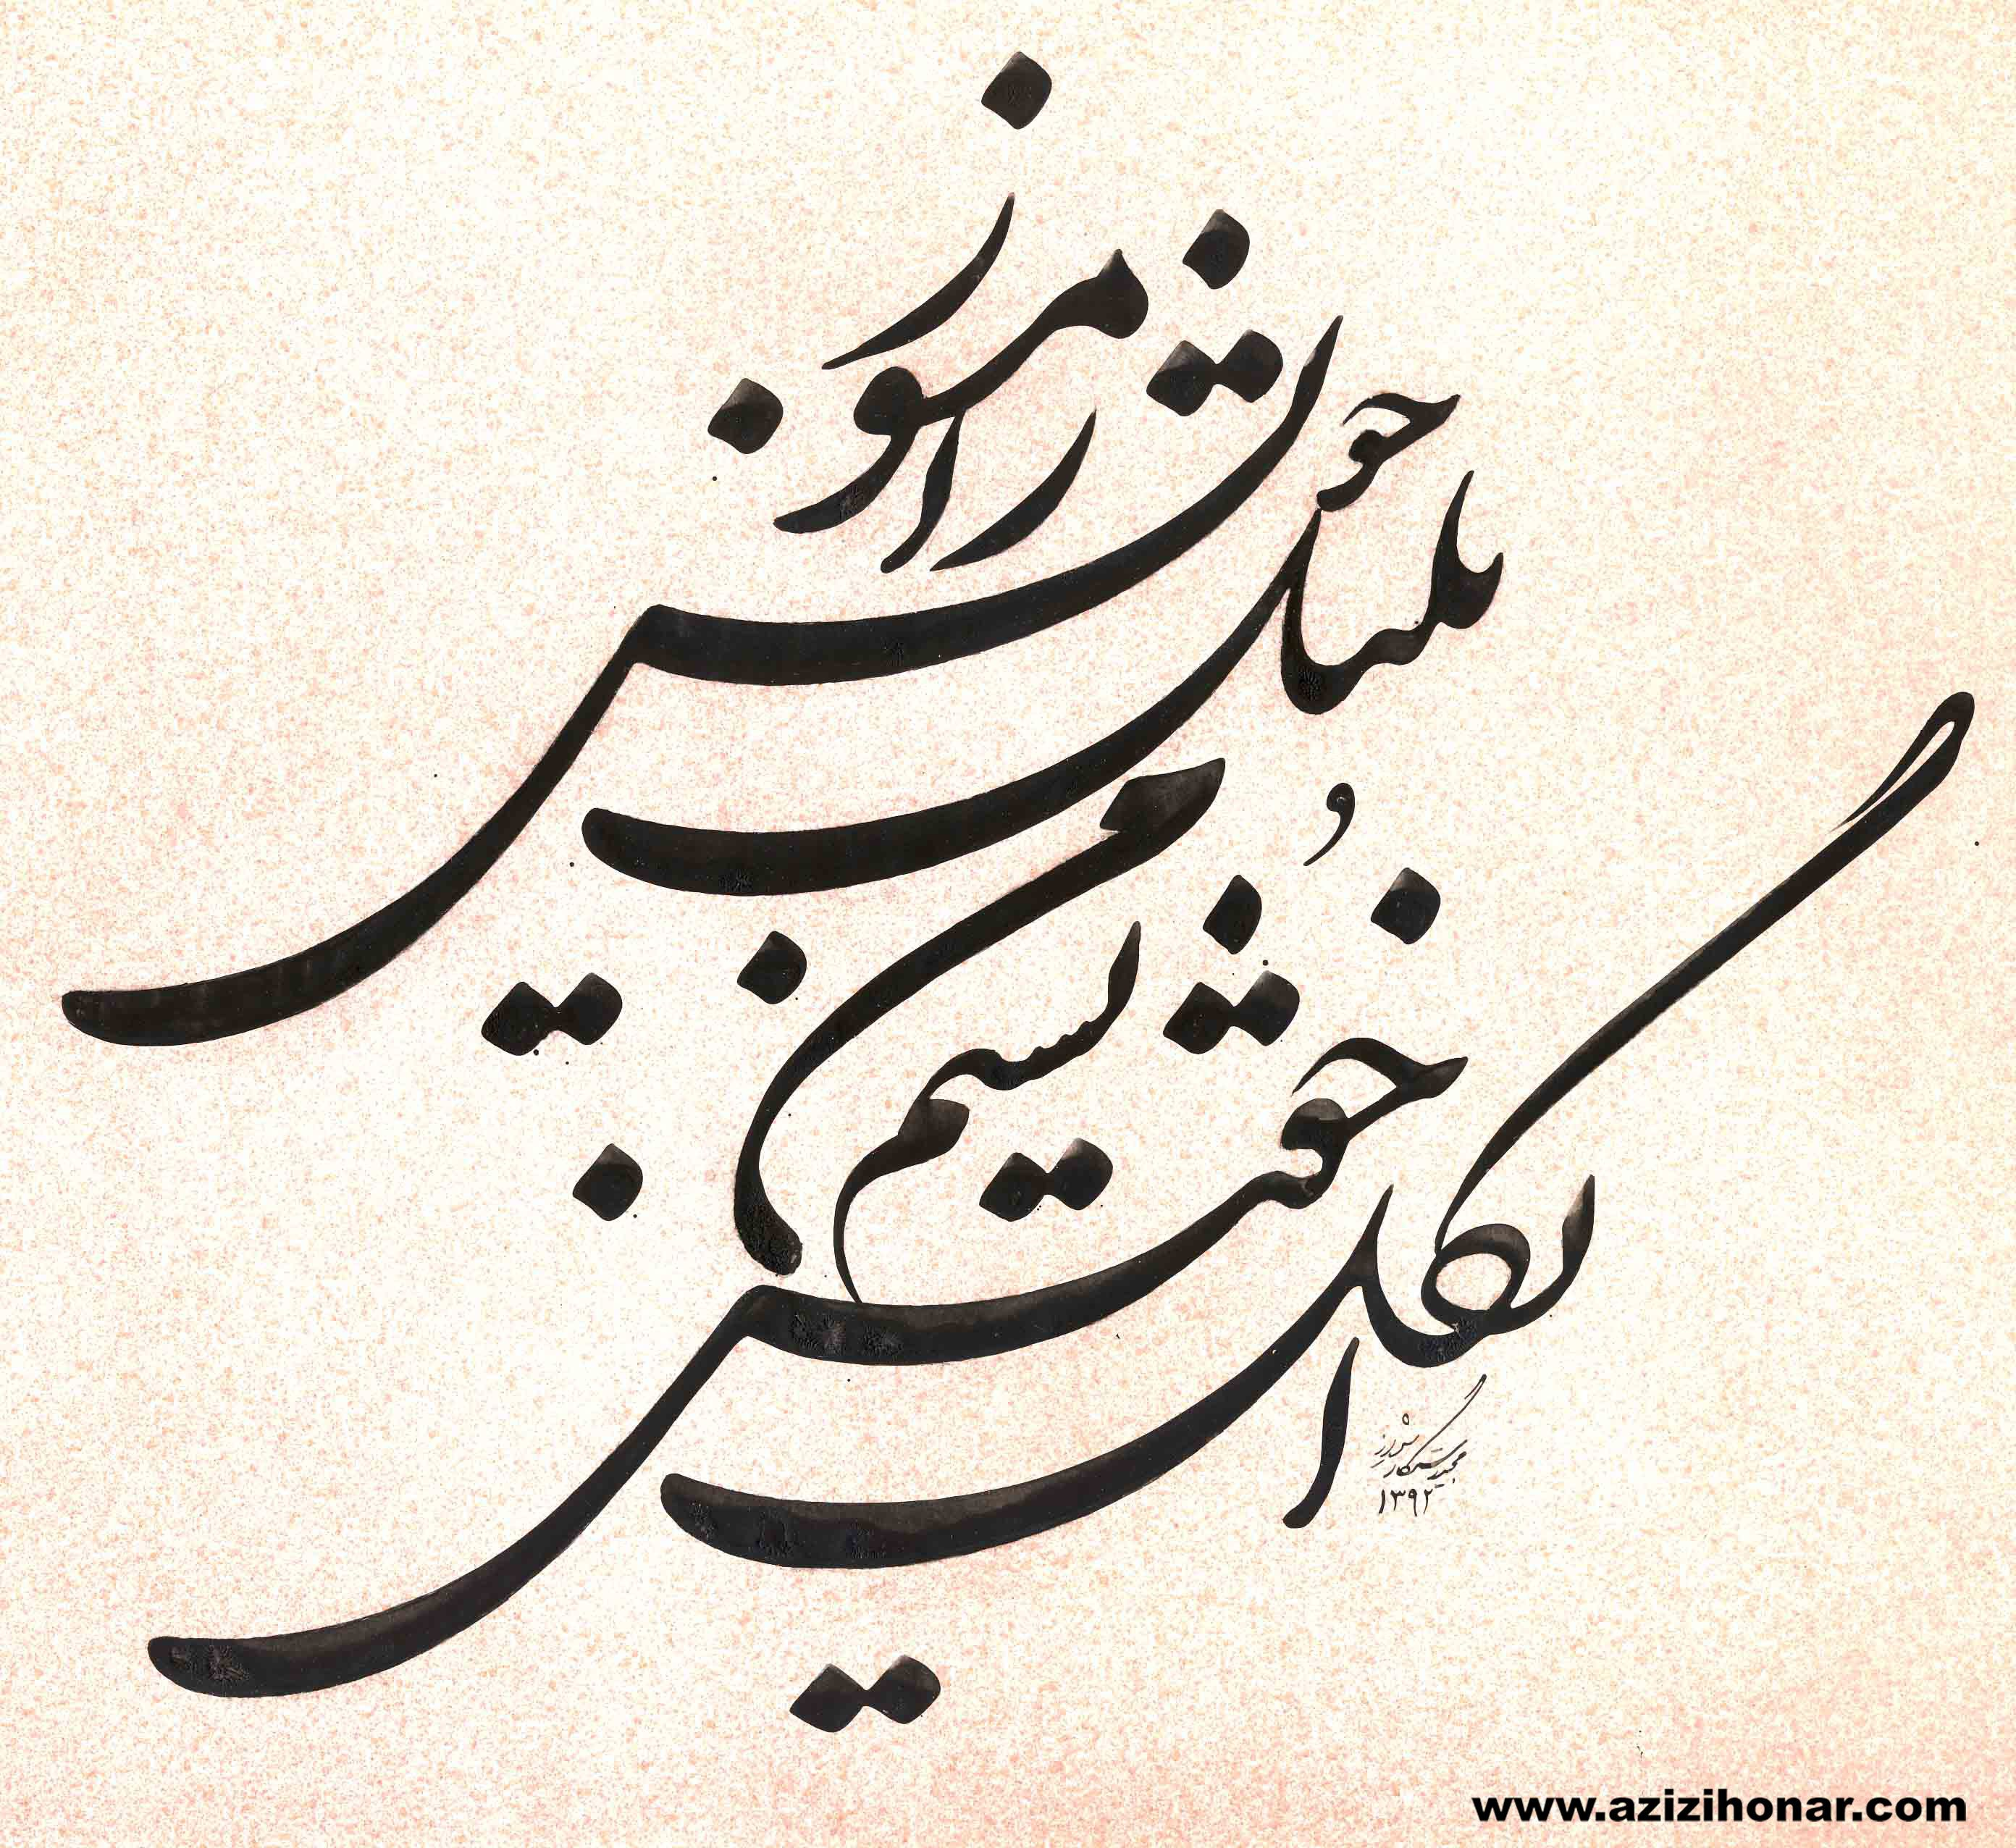 چند اثر خوشنویسی به خط شکسته نستعلیق توسط استاد مجید رستگار از استان فارس شیراز Persian Poem Calligraphy Farsi Calligraphy Art Farsi Calligraphy